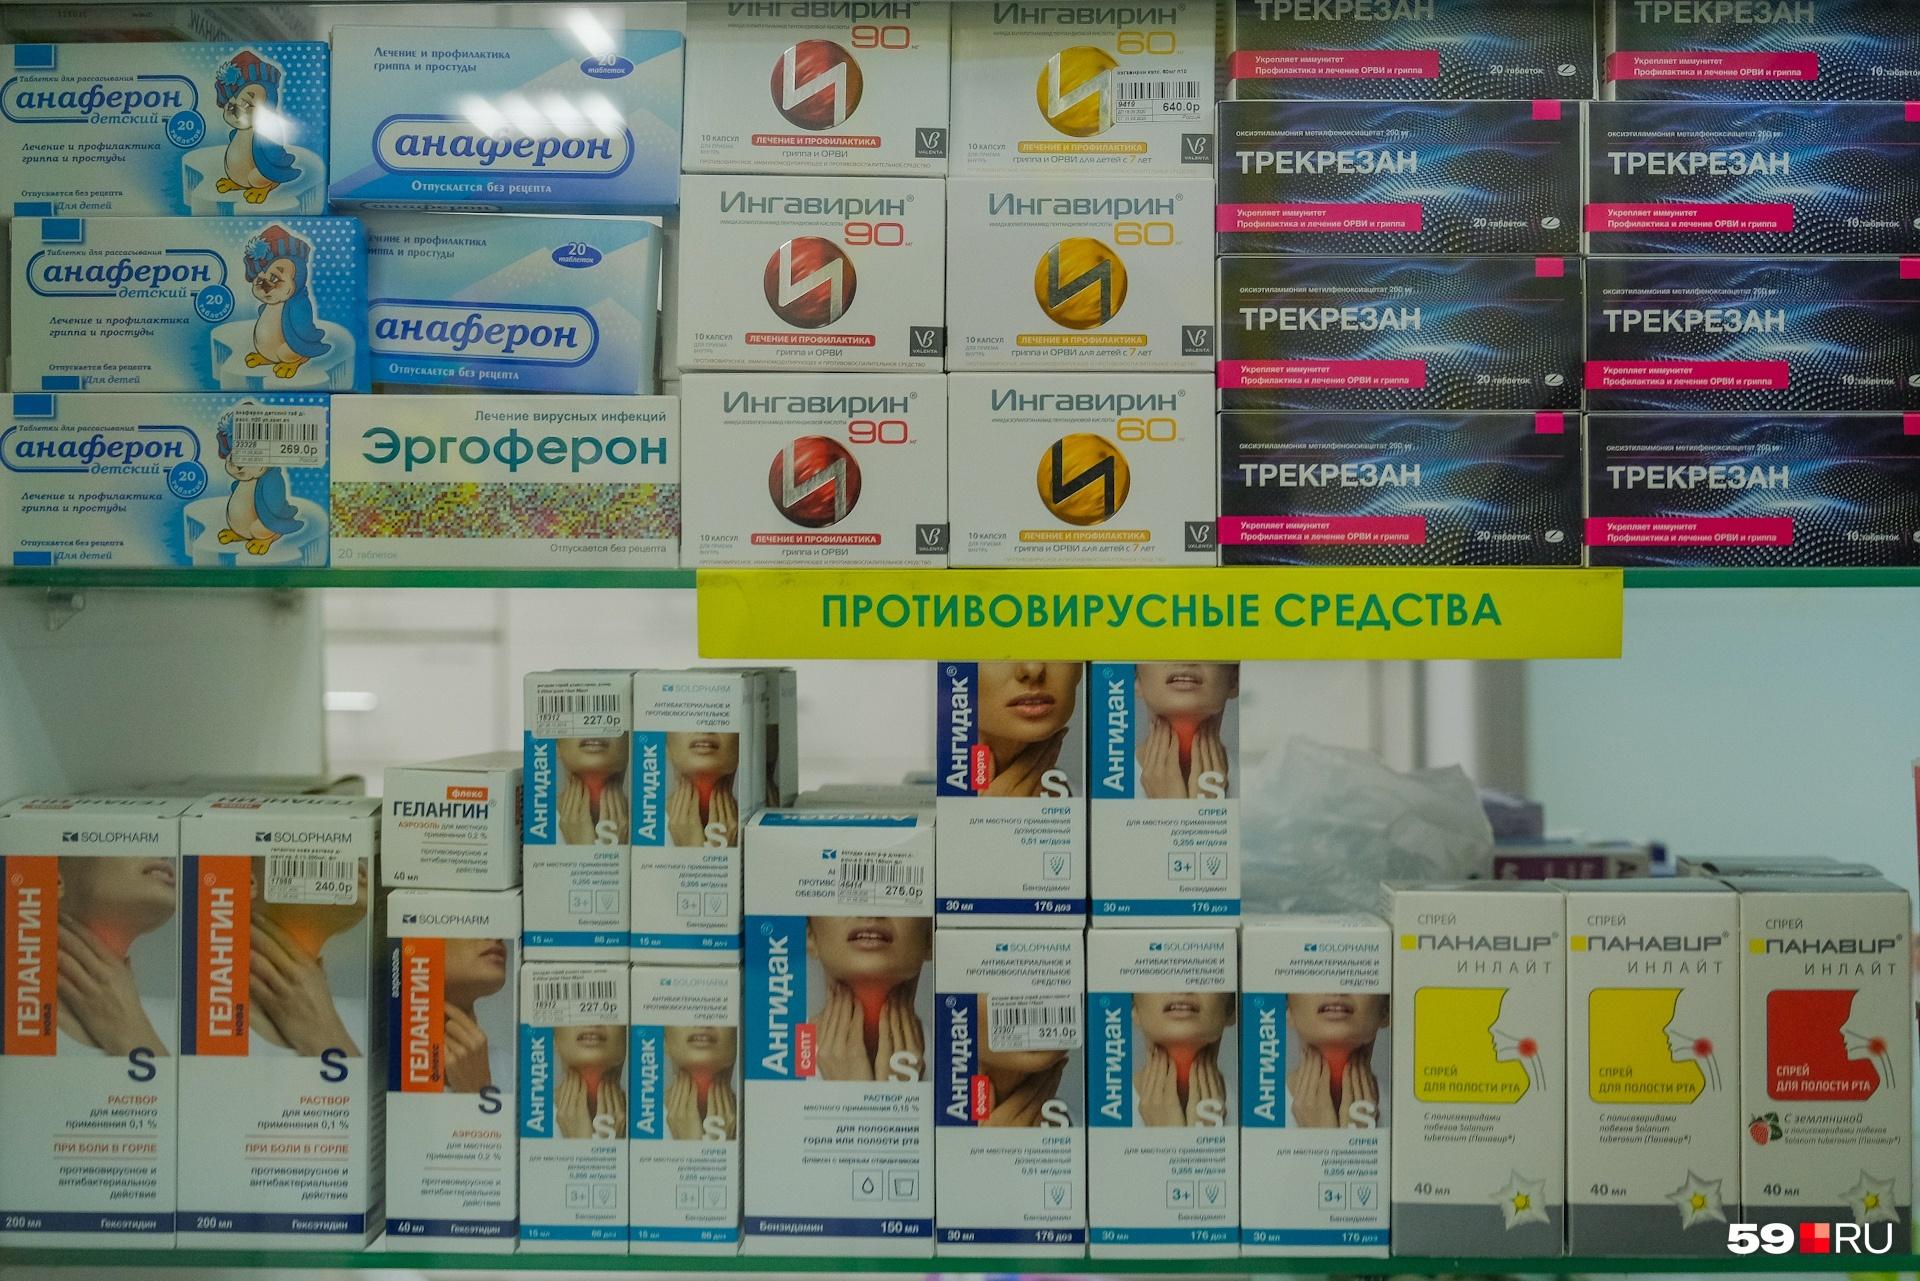 В этом году «Ингавирин» вырос в цене практически на 200 рублей